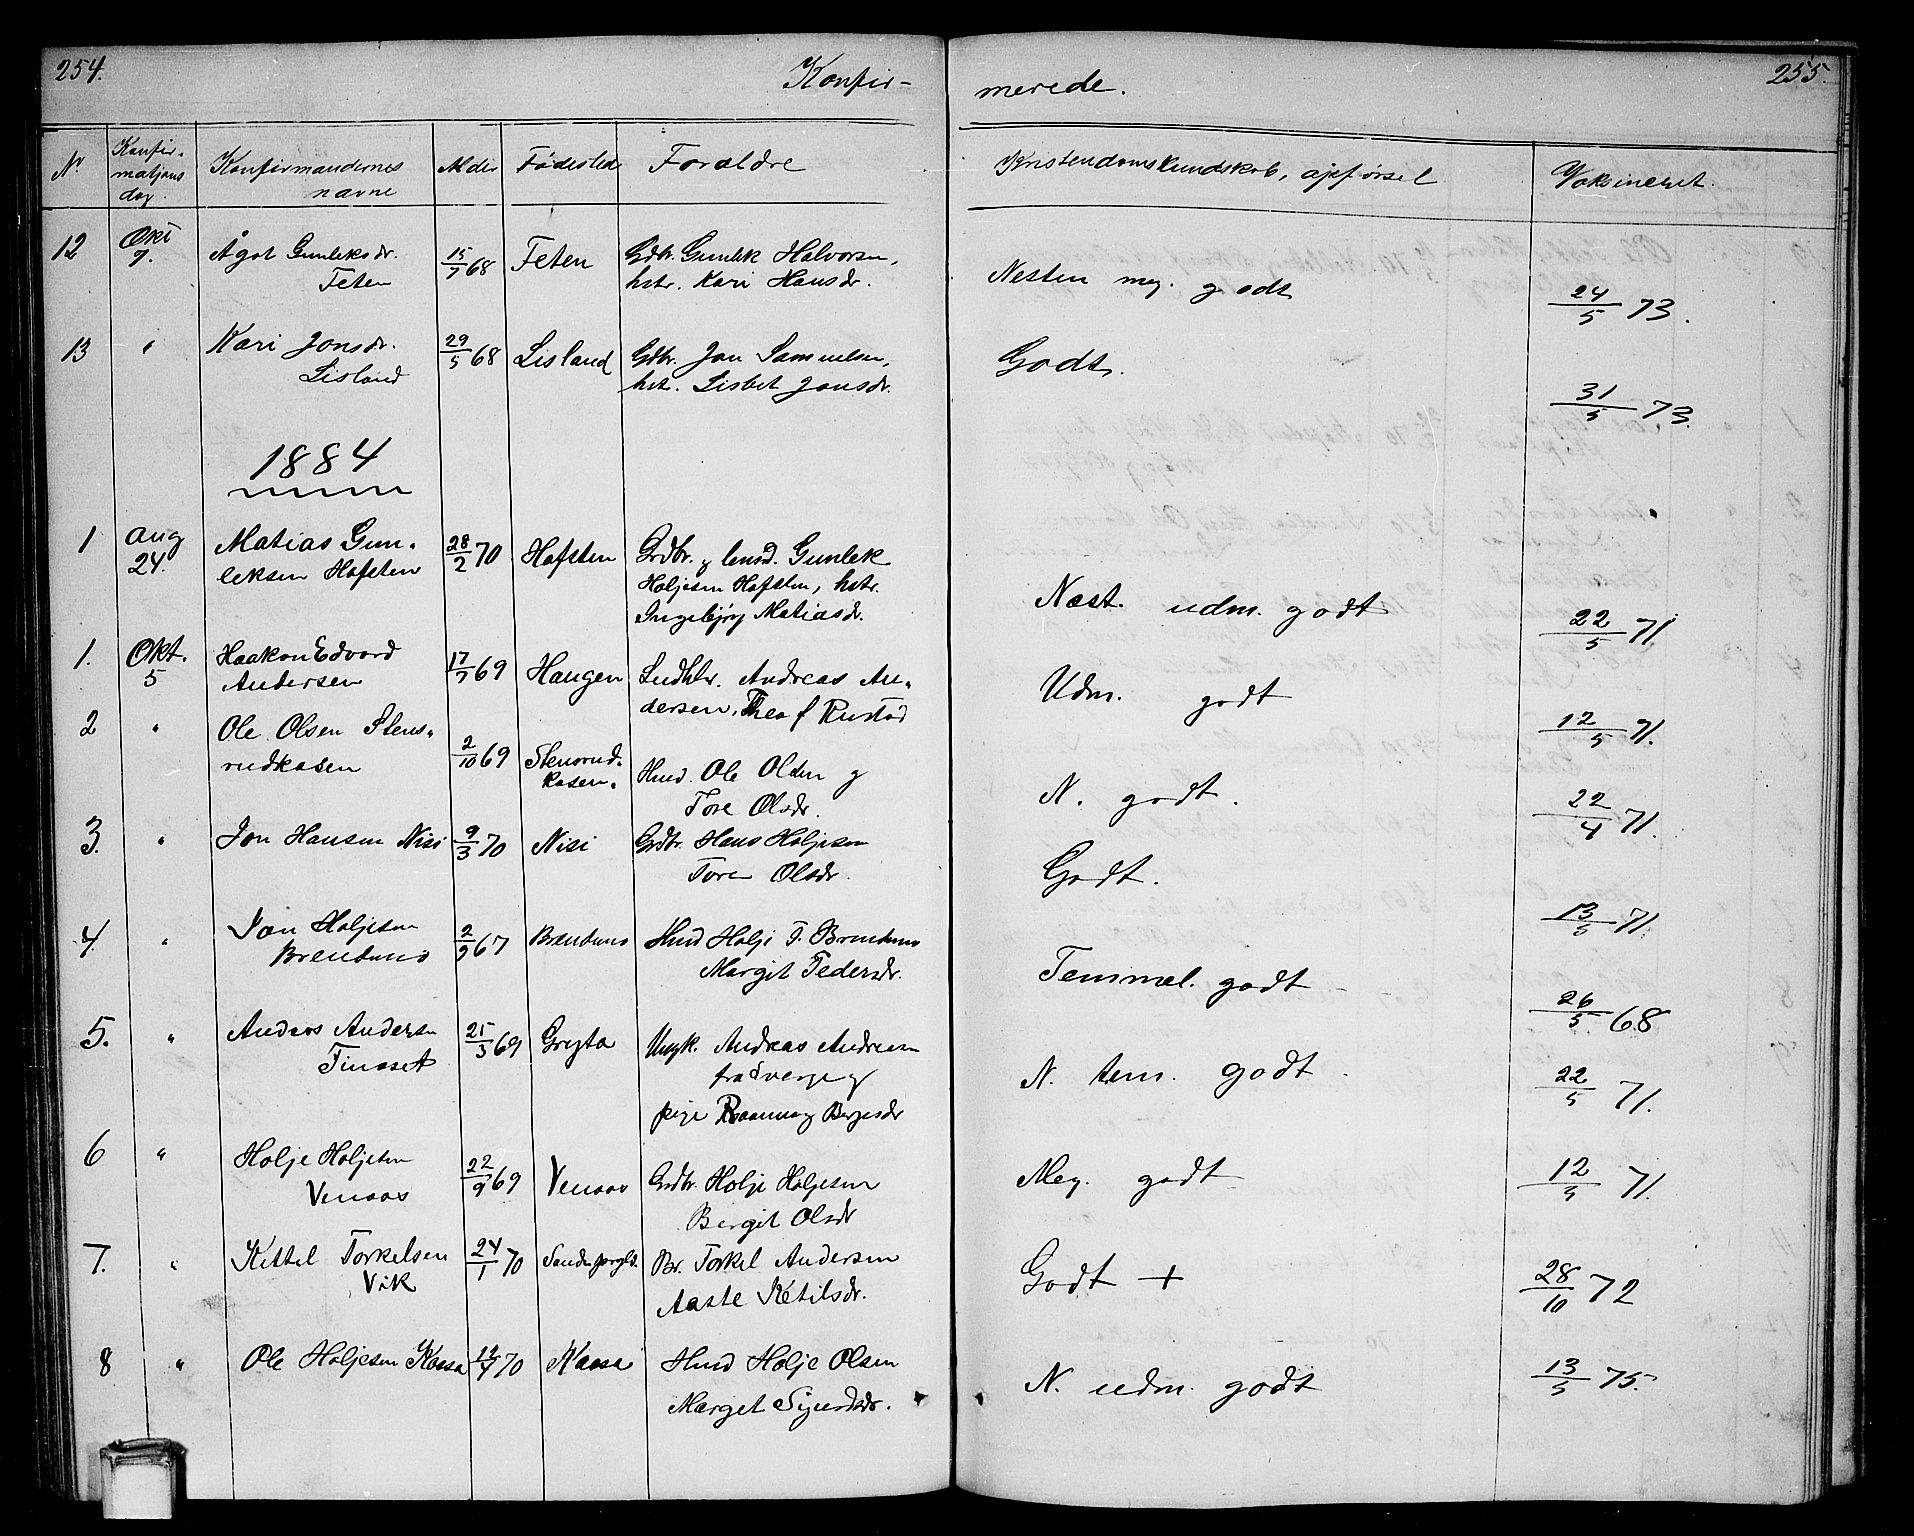 SAKO, Gransherad kirkebøker, G/Ga/L0002: Klokkerbok nr. I 2, 1854-1886, s. 254-255